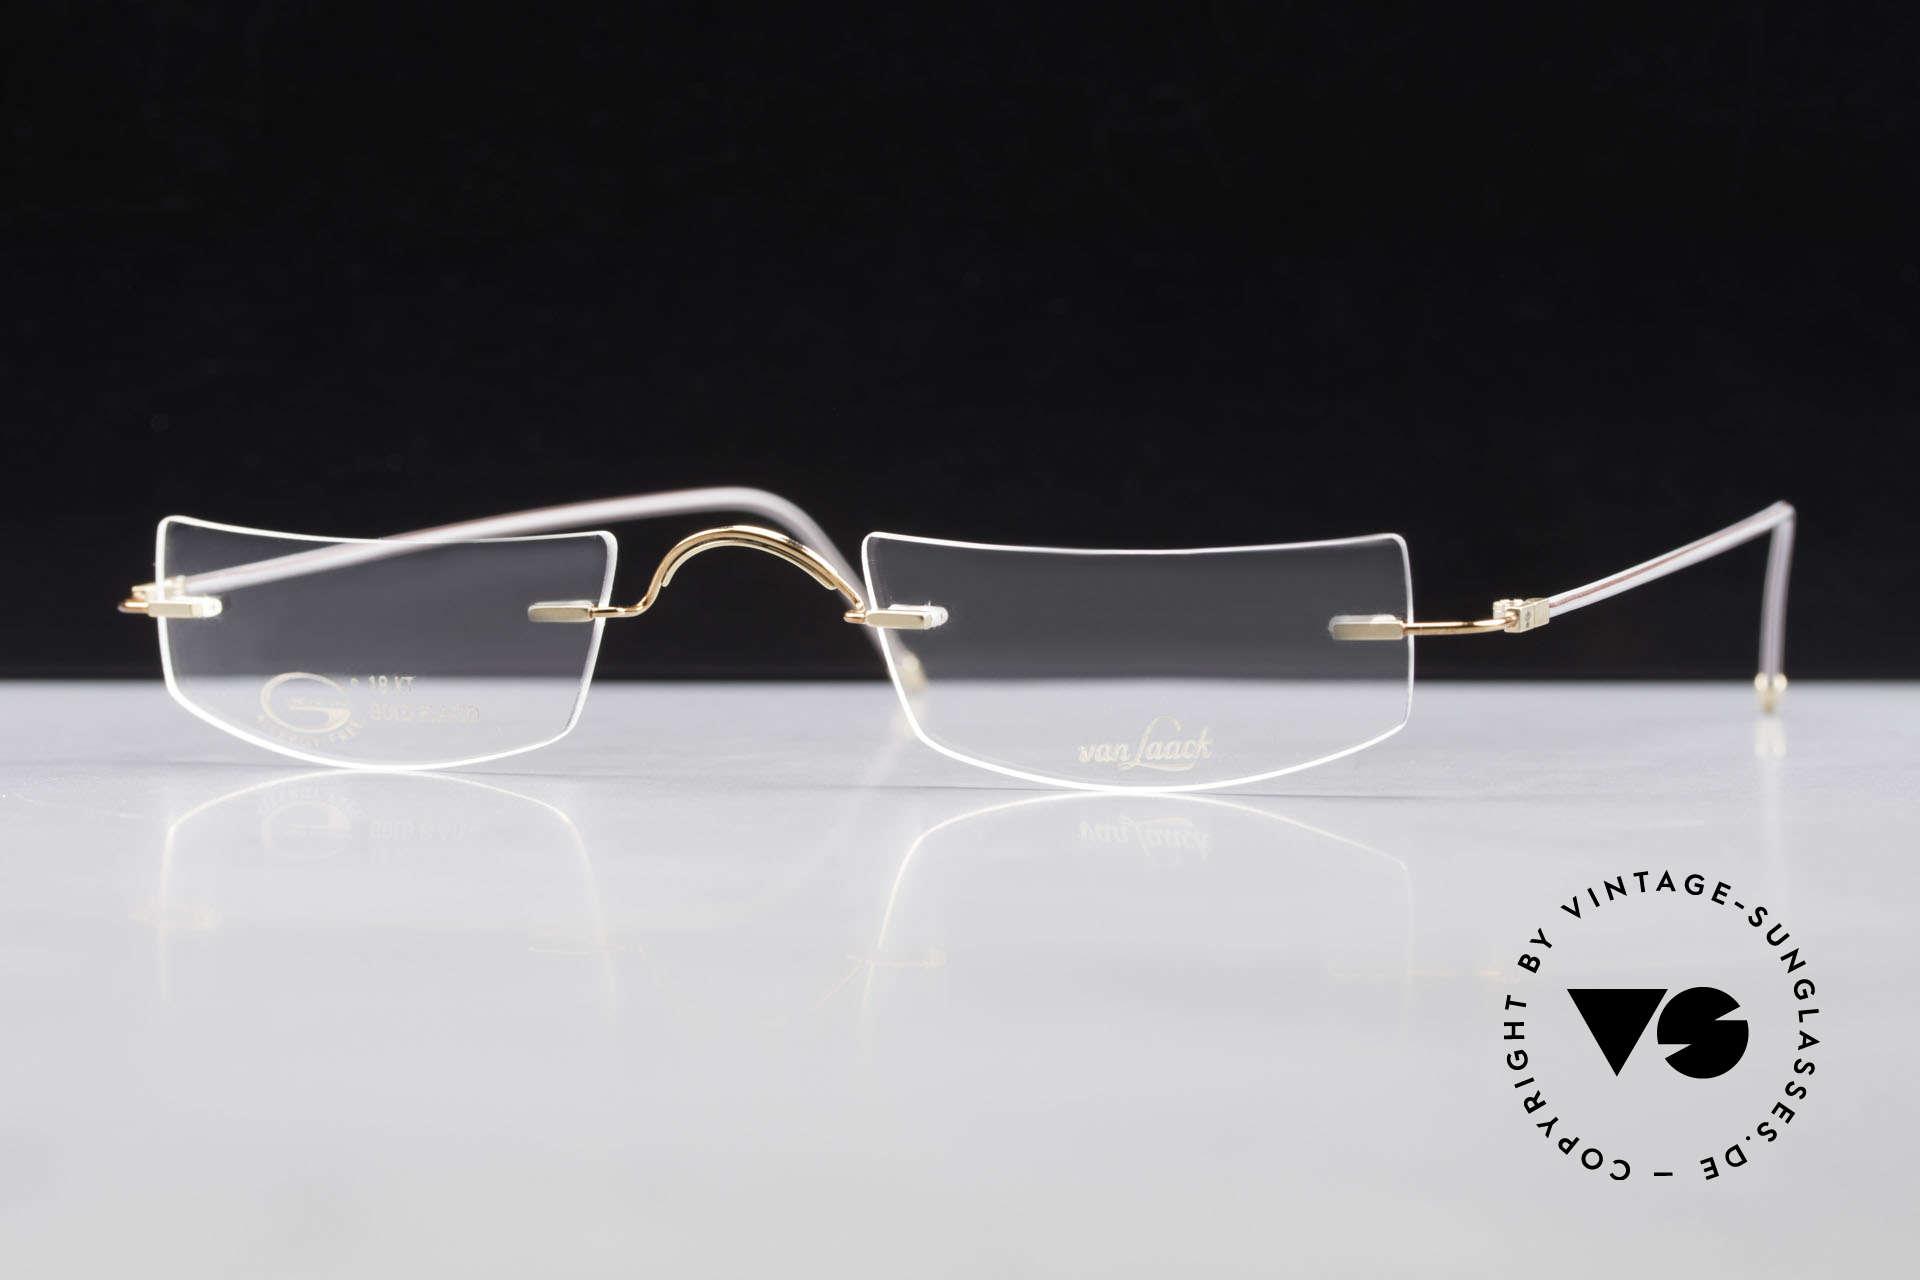 Van Laack L022 Minimalistische Lesebrille 90er, Größe: medium, Passend für Herren und Damen